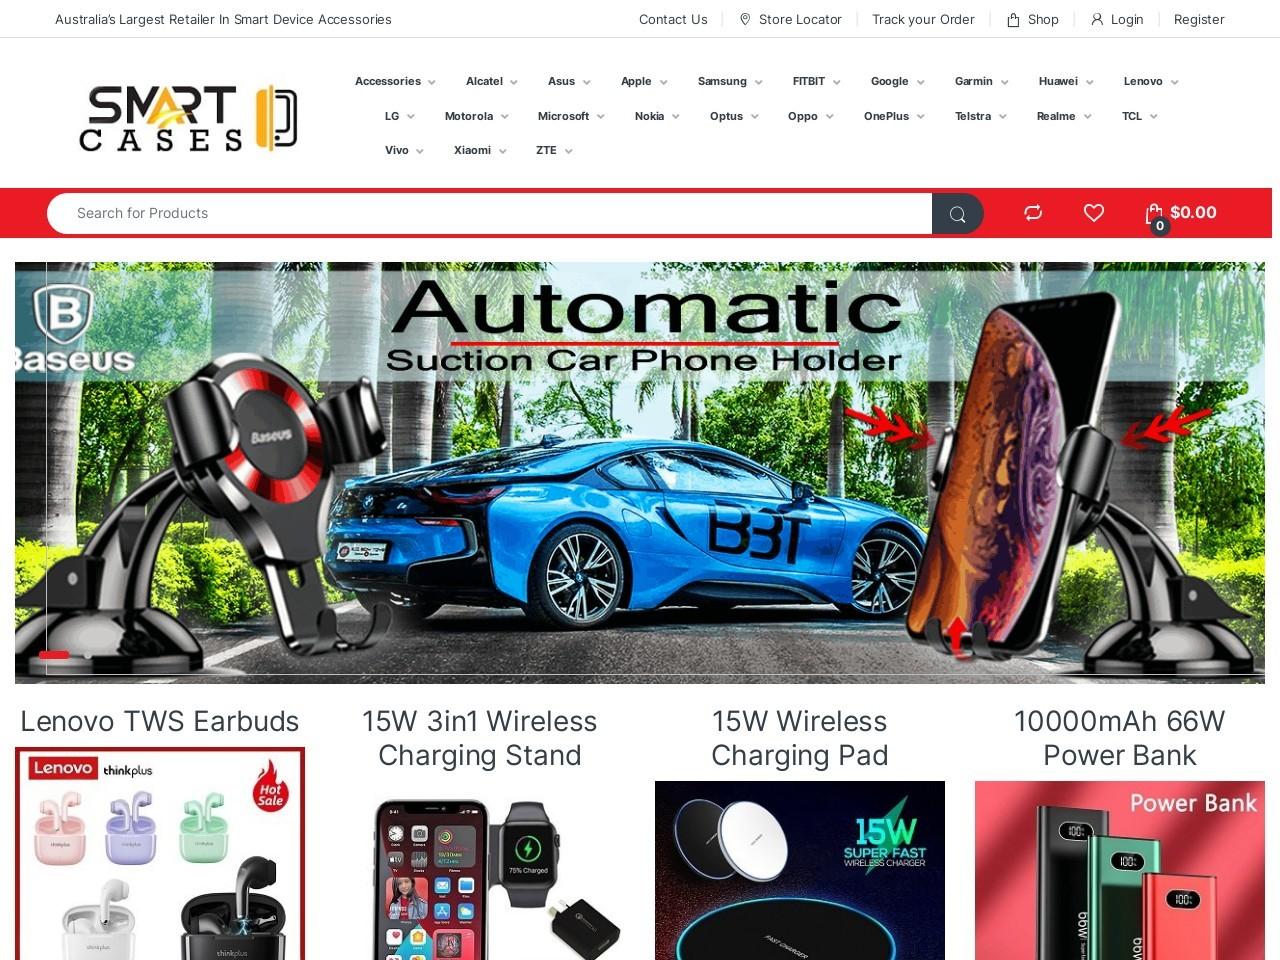 Motorola Moto E7 Accessories For Sale | Smart Cases | Free Shipping